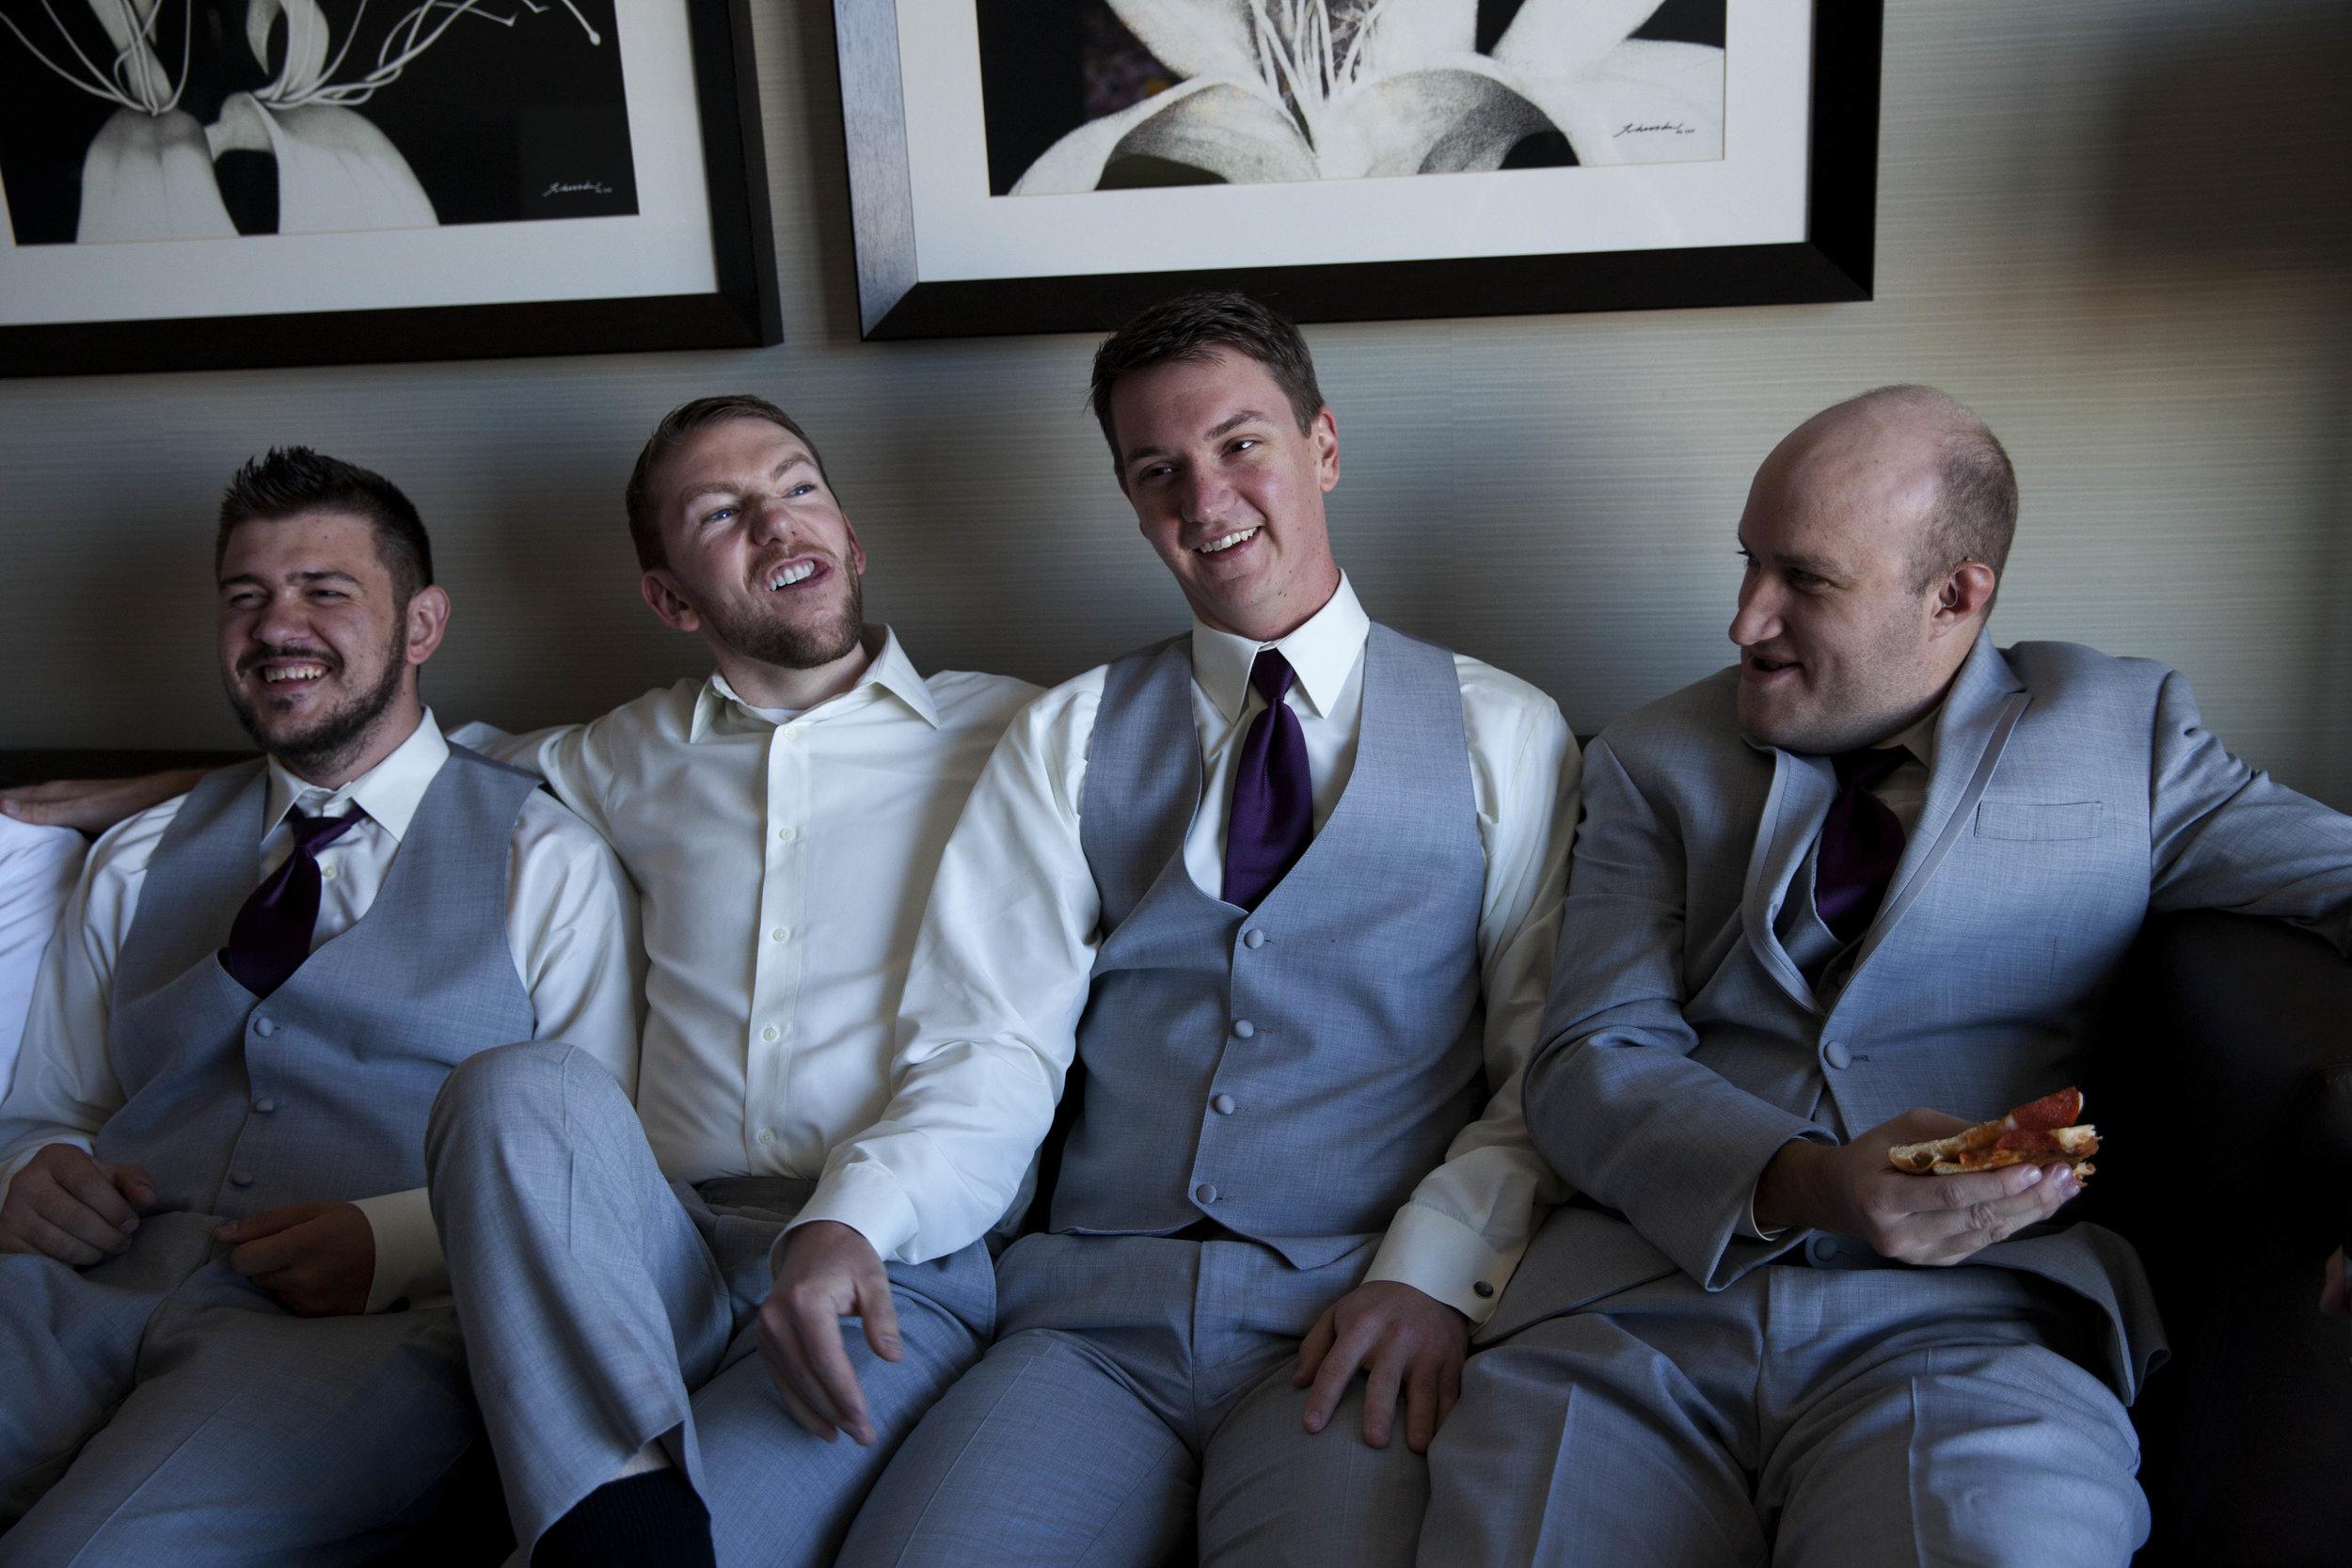 san francisco bay area wedding photos.jpg